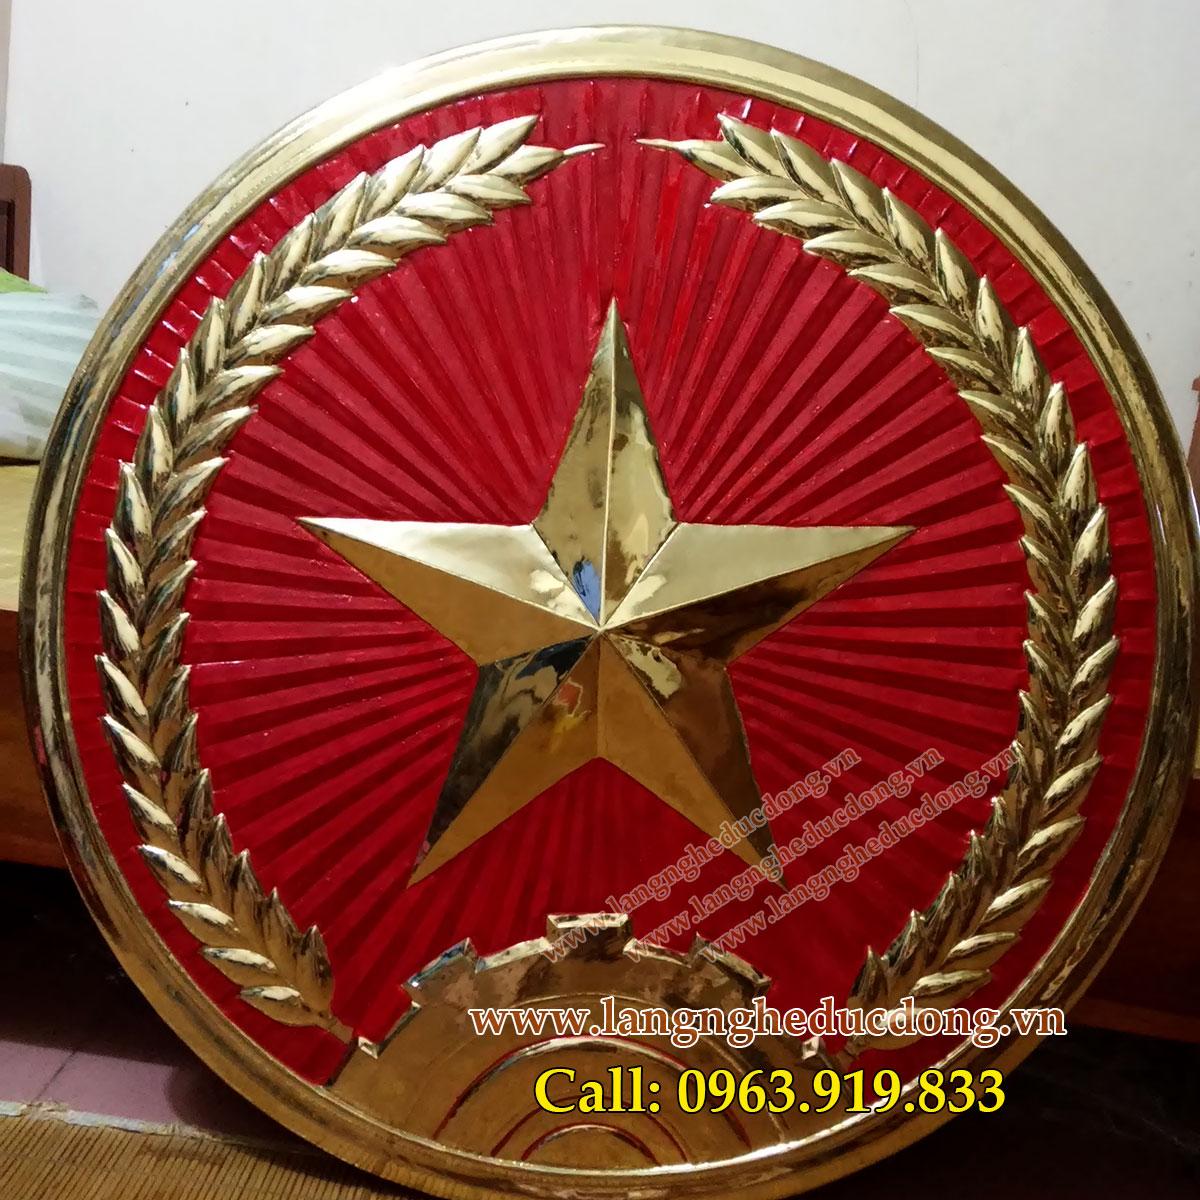 langngheducdong.vn - huy hiệu quân đội, làm huy hiệu quân đội  nhận gò huy hiệu